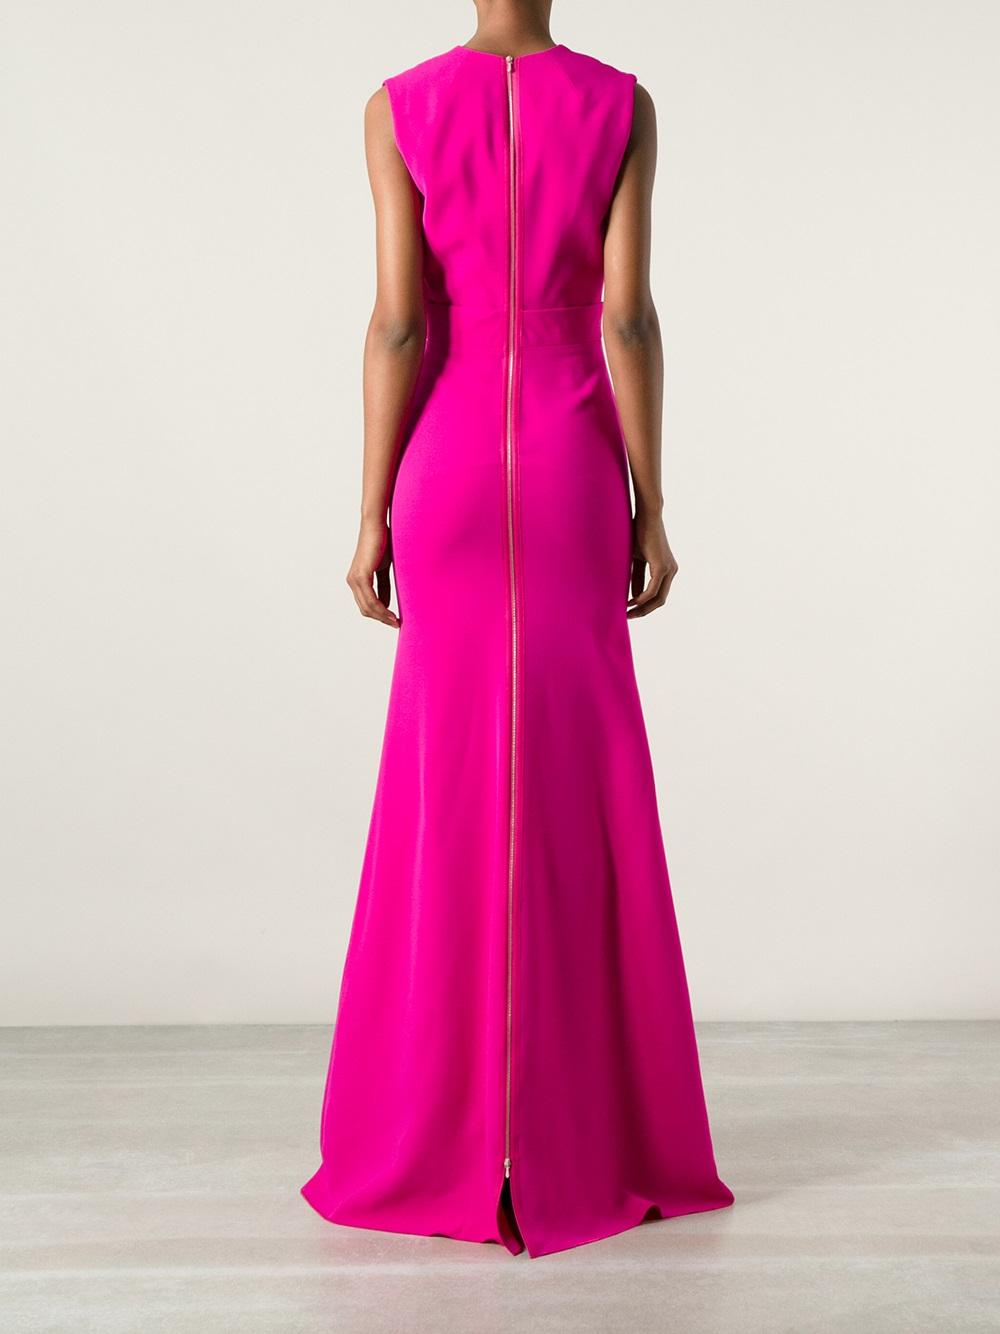 Victoria Beckham Evening Dress In Pink Amp Purple Purple